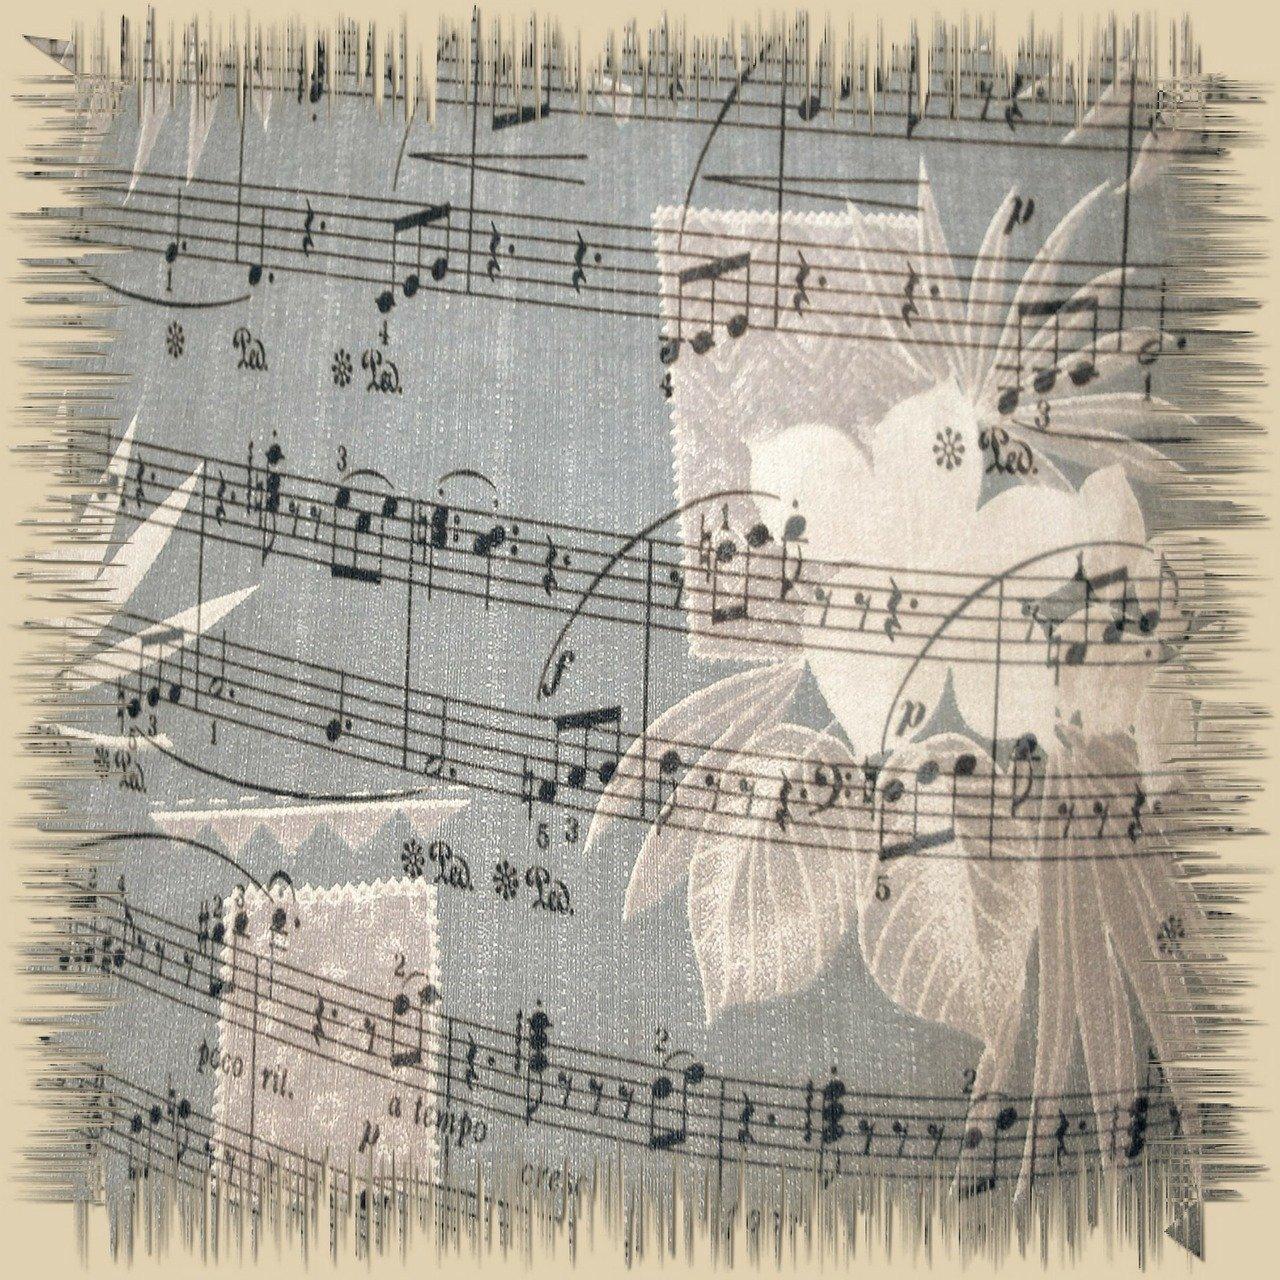 Orgelkonzert Musikhochschule Franz Liszt Weimar